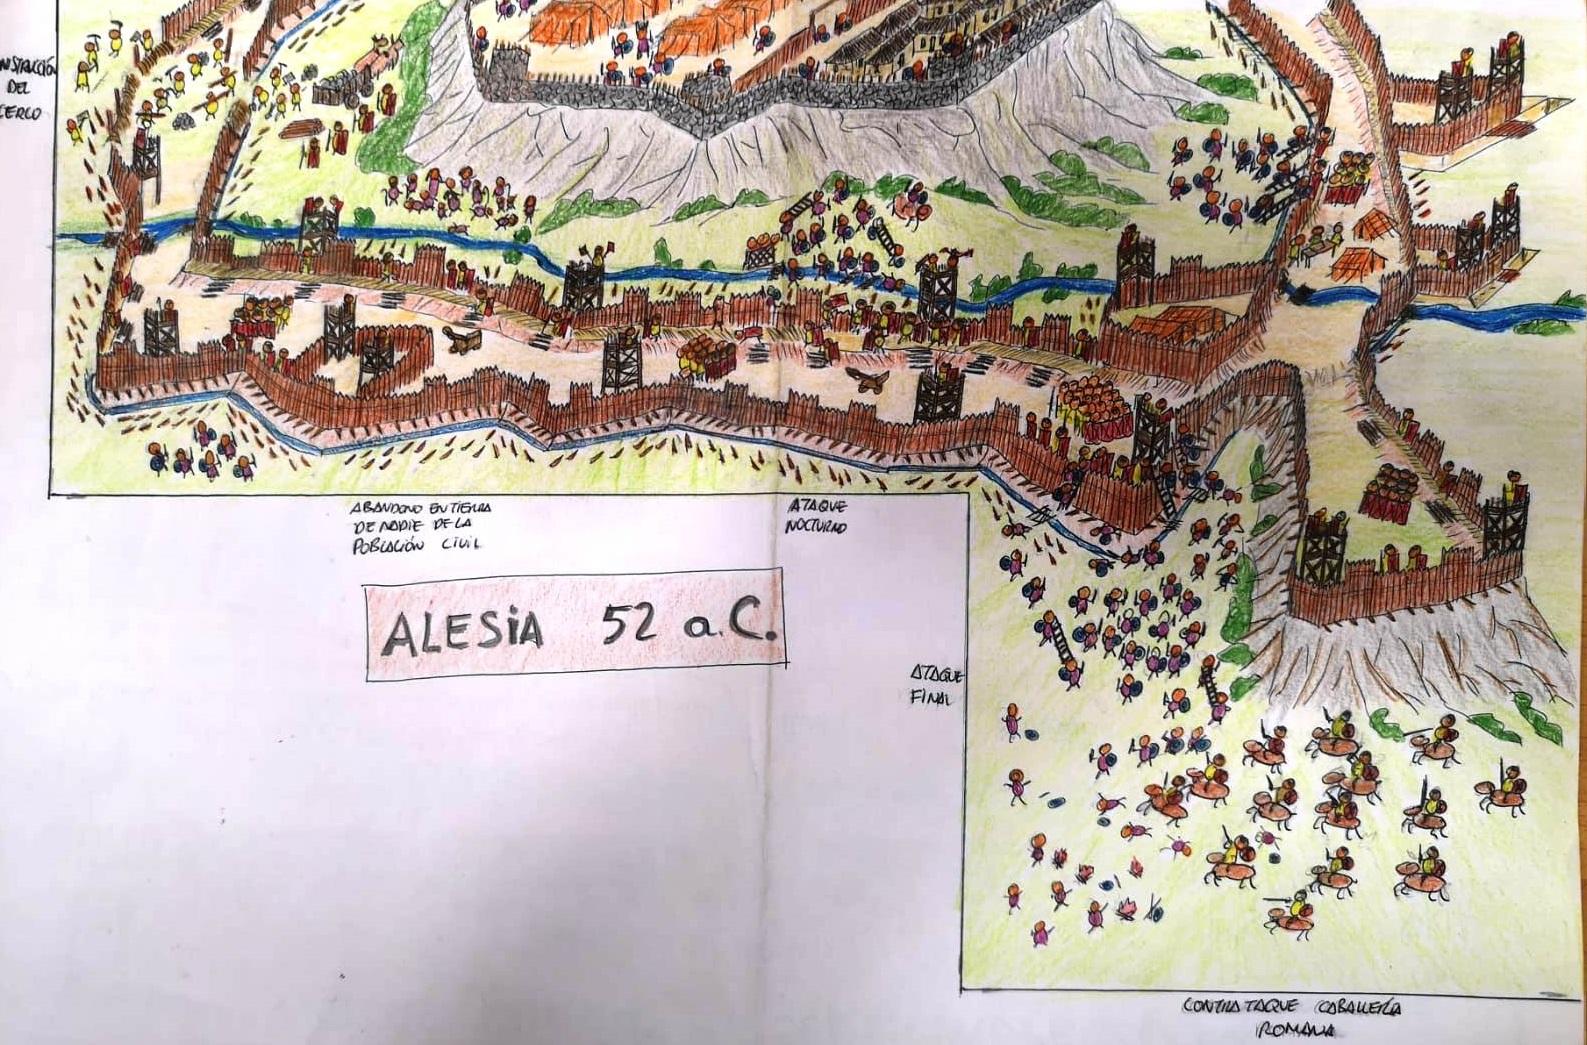 NUEVO DIORAMA: ALESIA